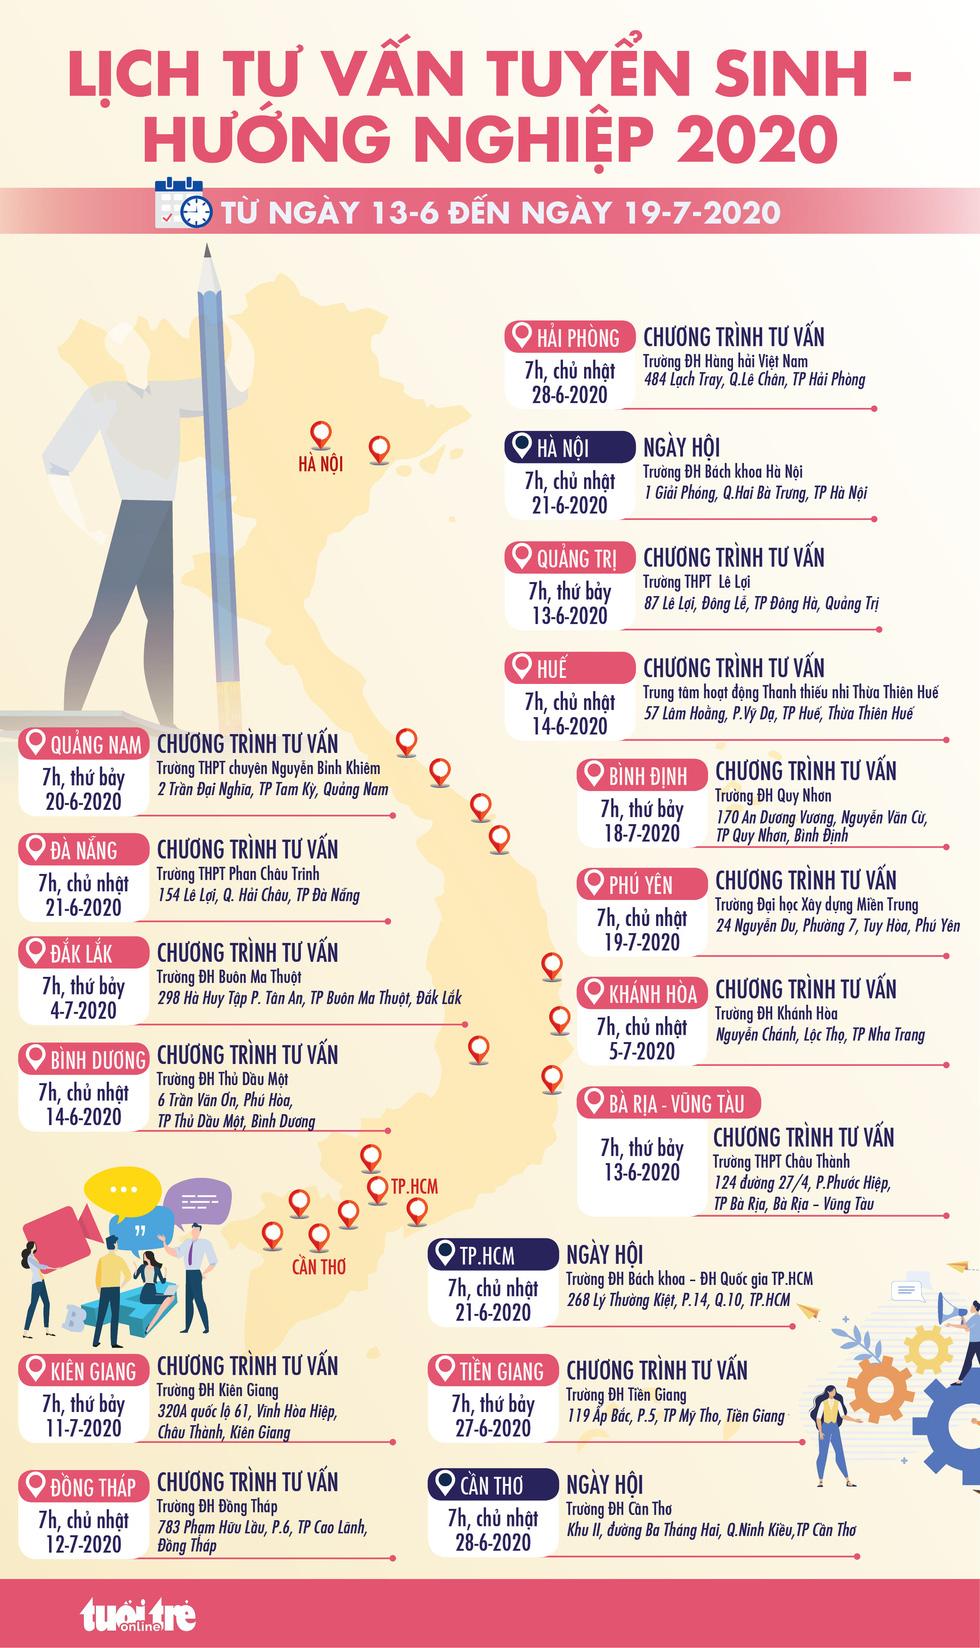 Báo Tuổi Trẻ tổ chức tư vấn tuyển sinh đại học, cao đẳng ở 17 tỉnh, thành - Ảnh 2.